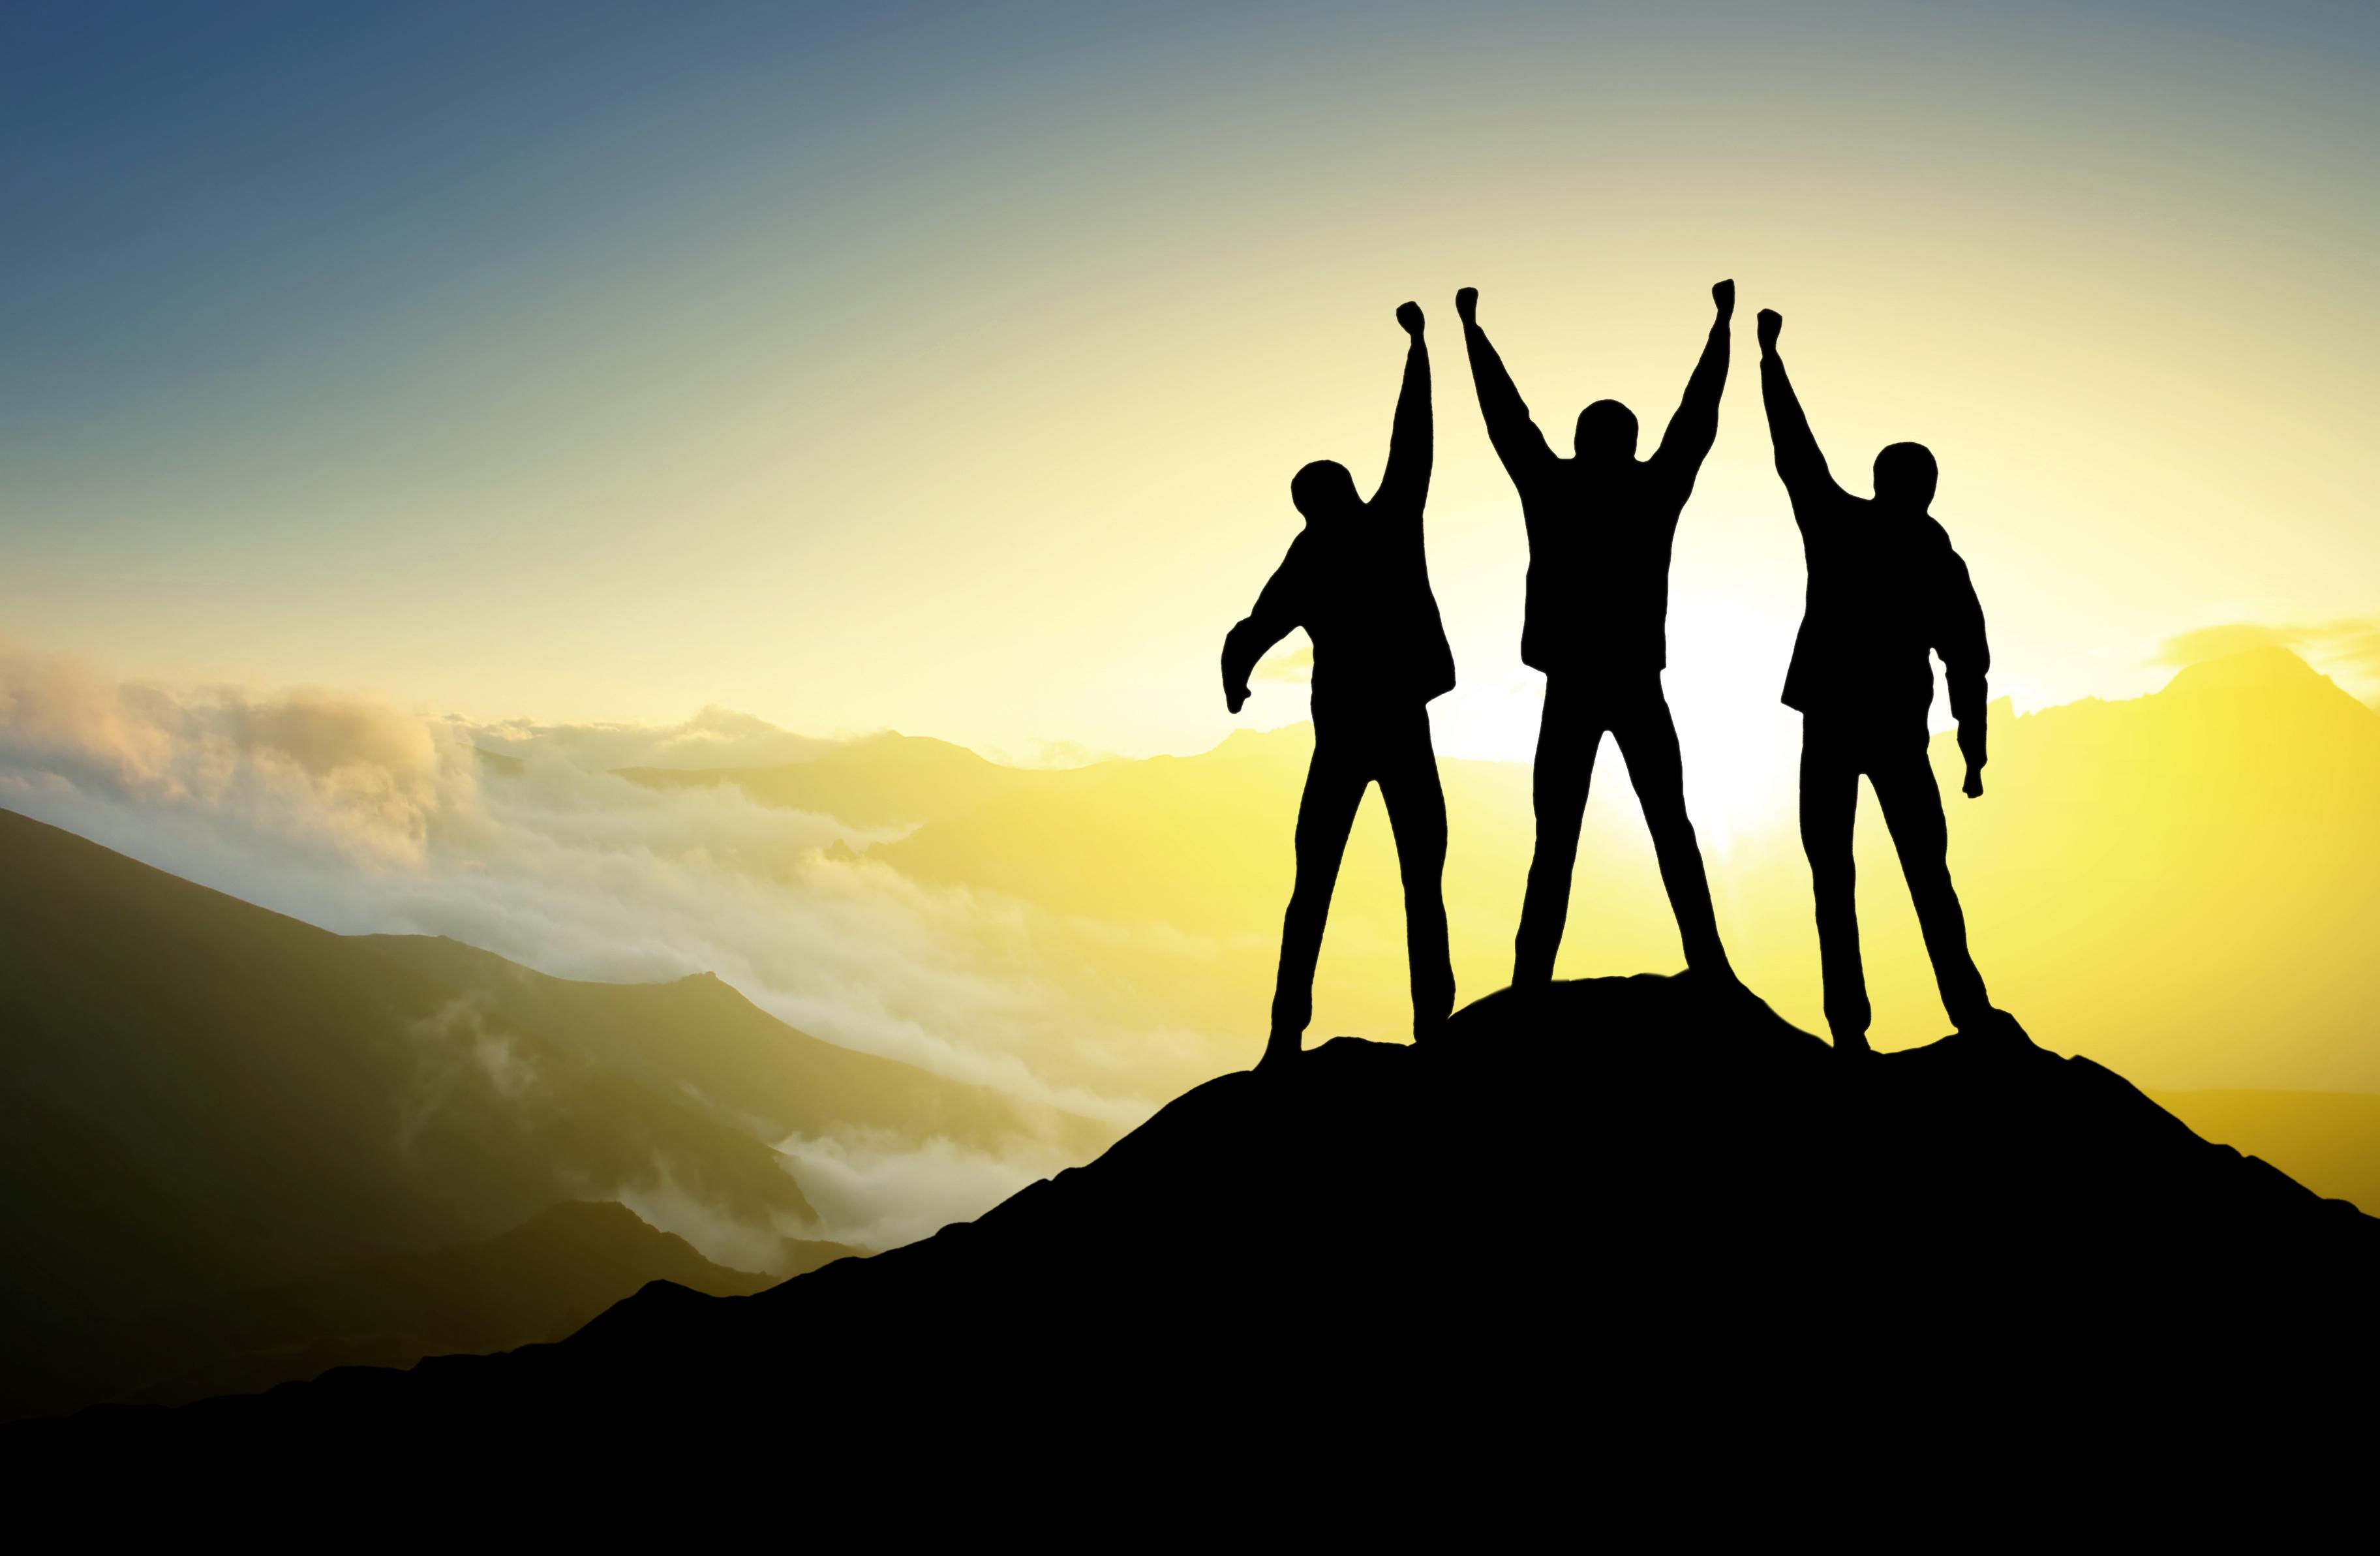 three_people_on_mountain_shutterstock_113099116.jpg